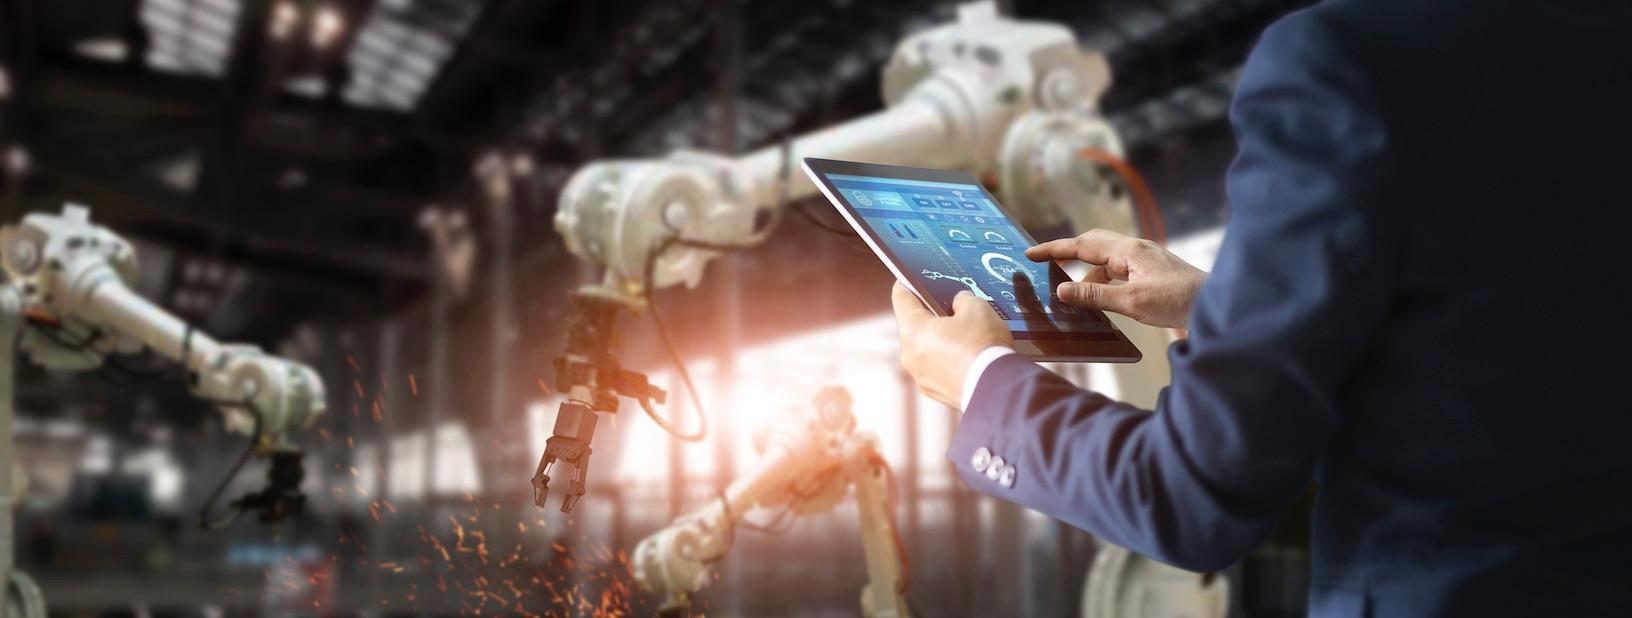 CCI celebró el 20 de febrero en Barcelona la 1ª edición del taller práctico: Análisis Forense en un entorno de automatización industrial